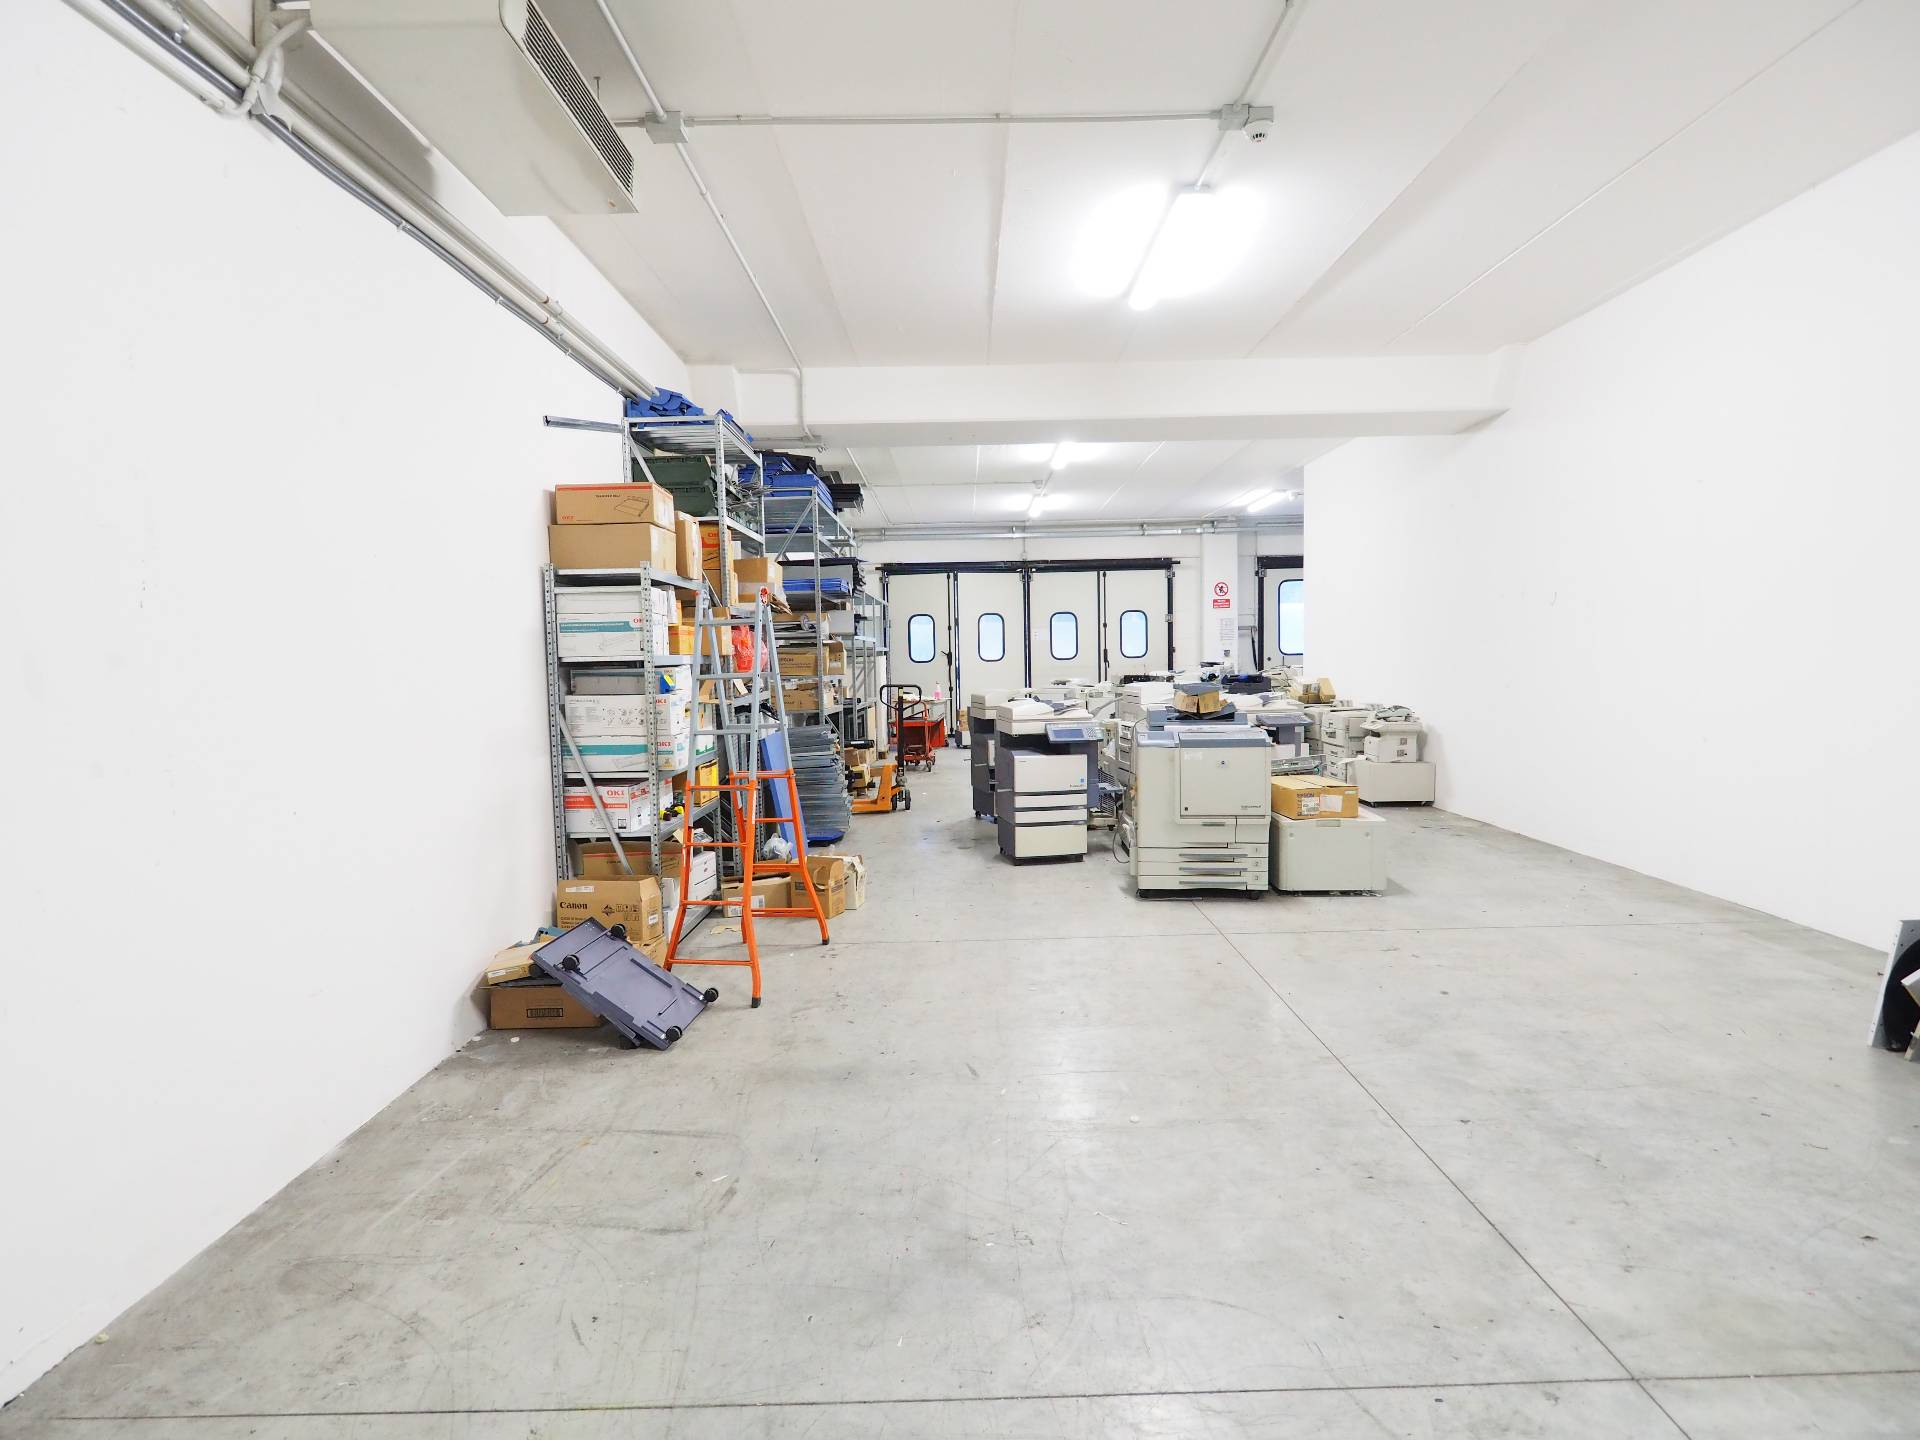 Laboratorio in vendita a Montecosaro, 9999 locali, zona Località: MontecosaroScalo, prezzo € 150.000   Cambio Casa.it